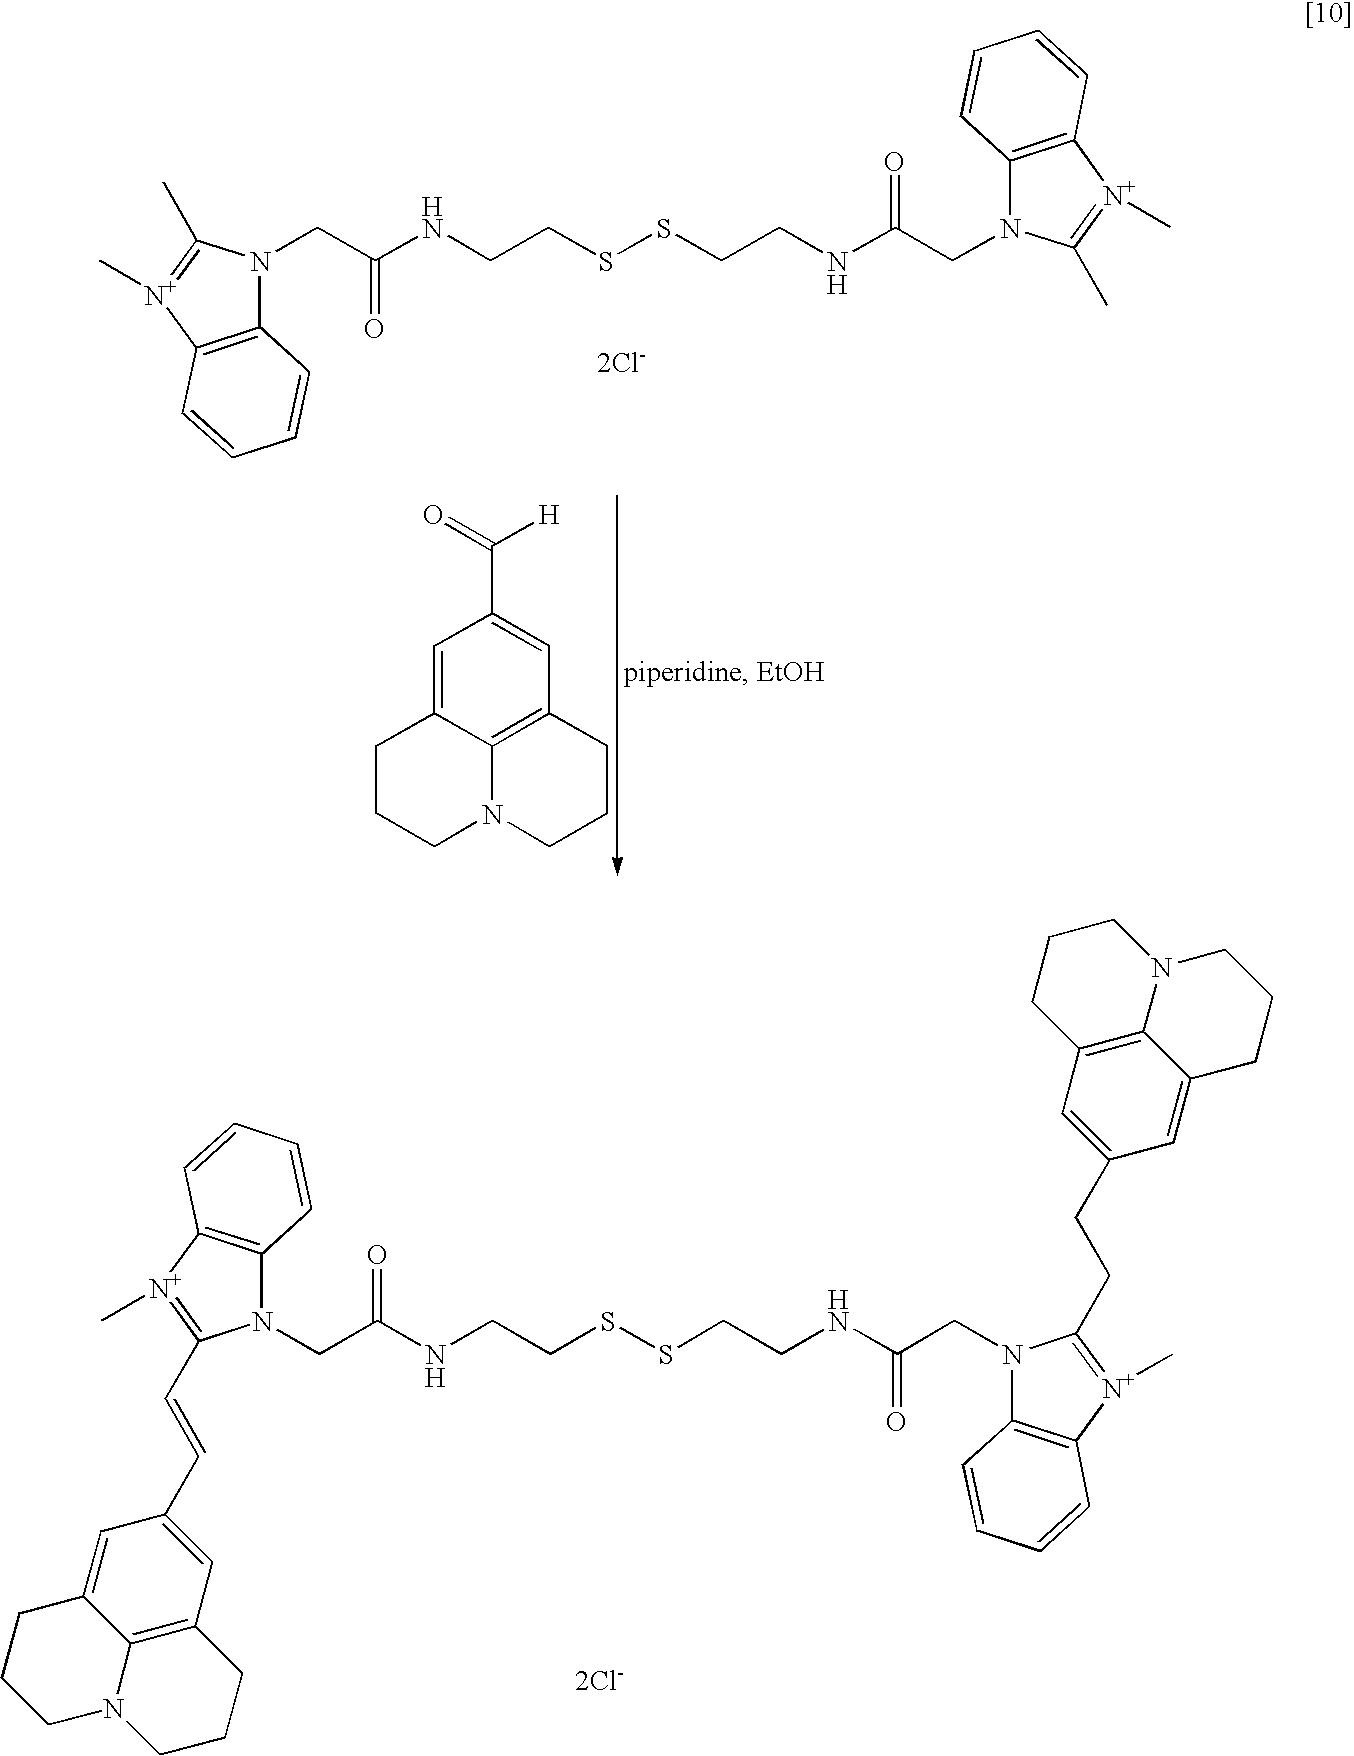 Figure US20090211038A1-20090827-C00053